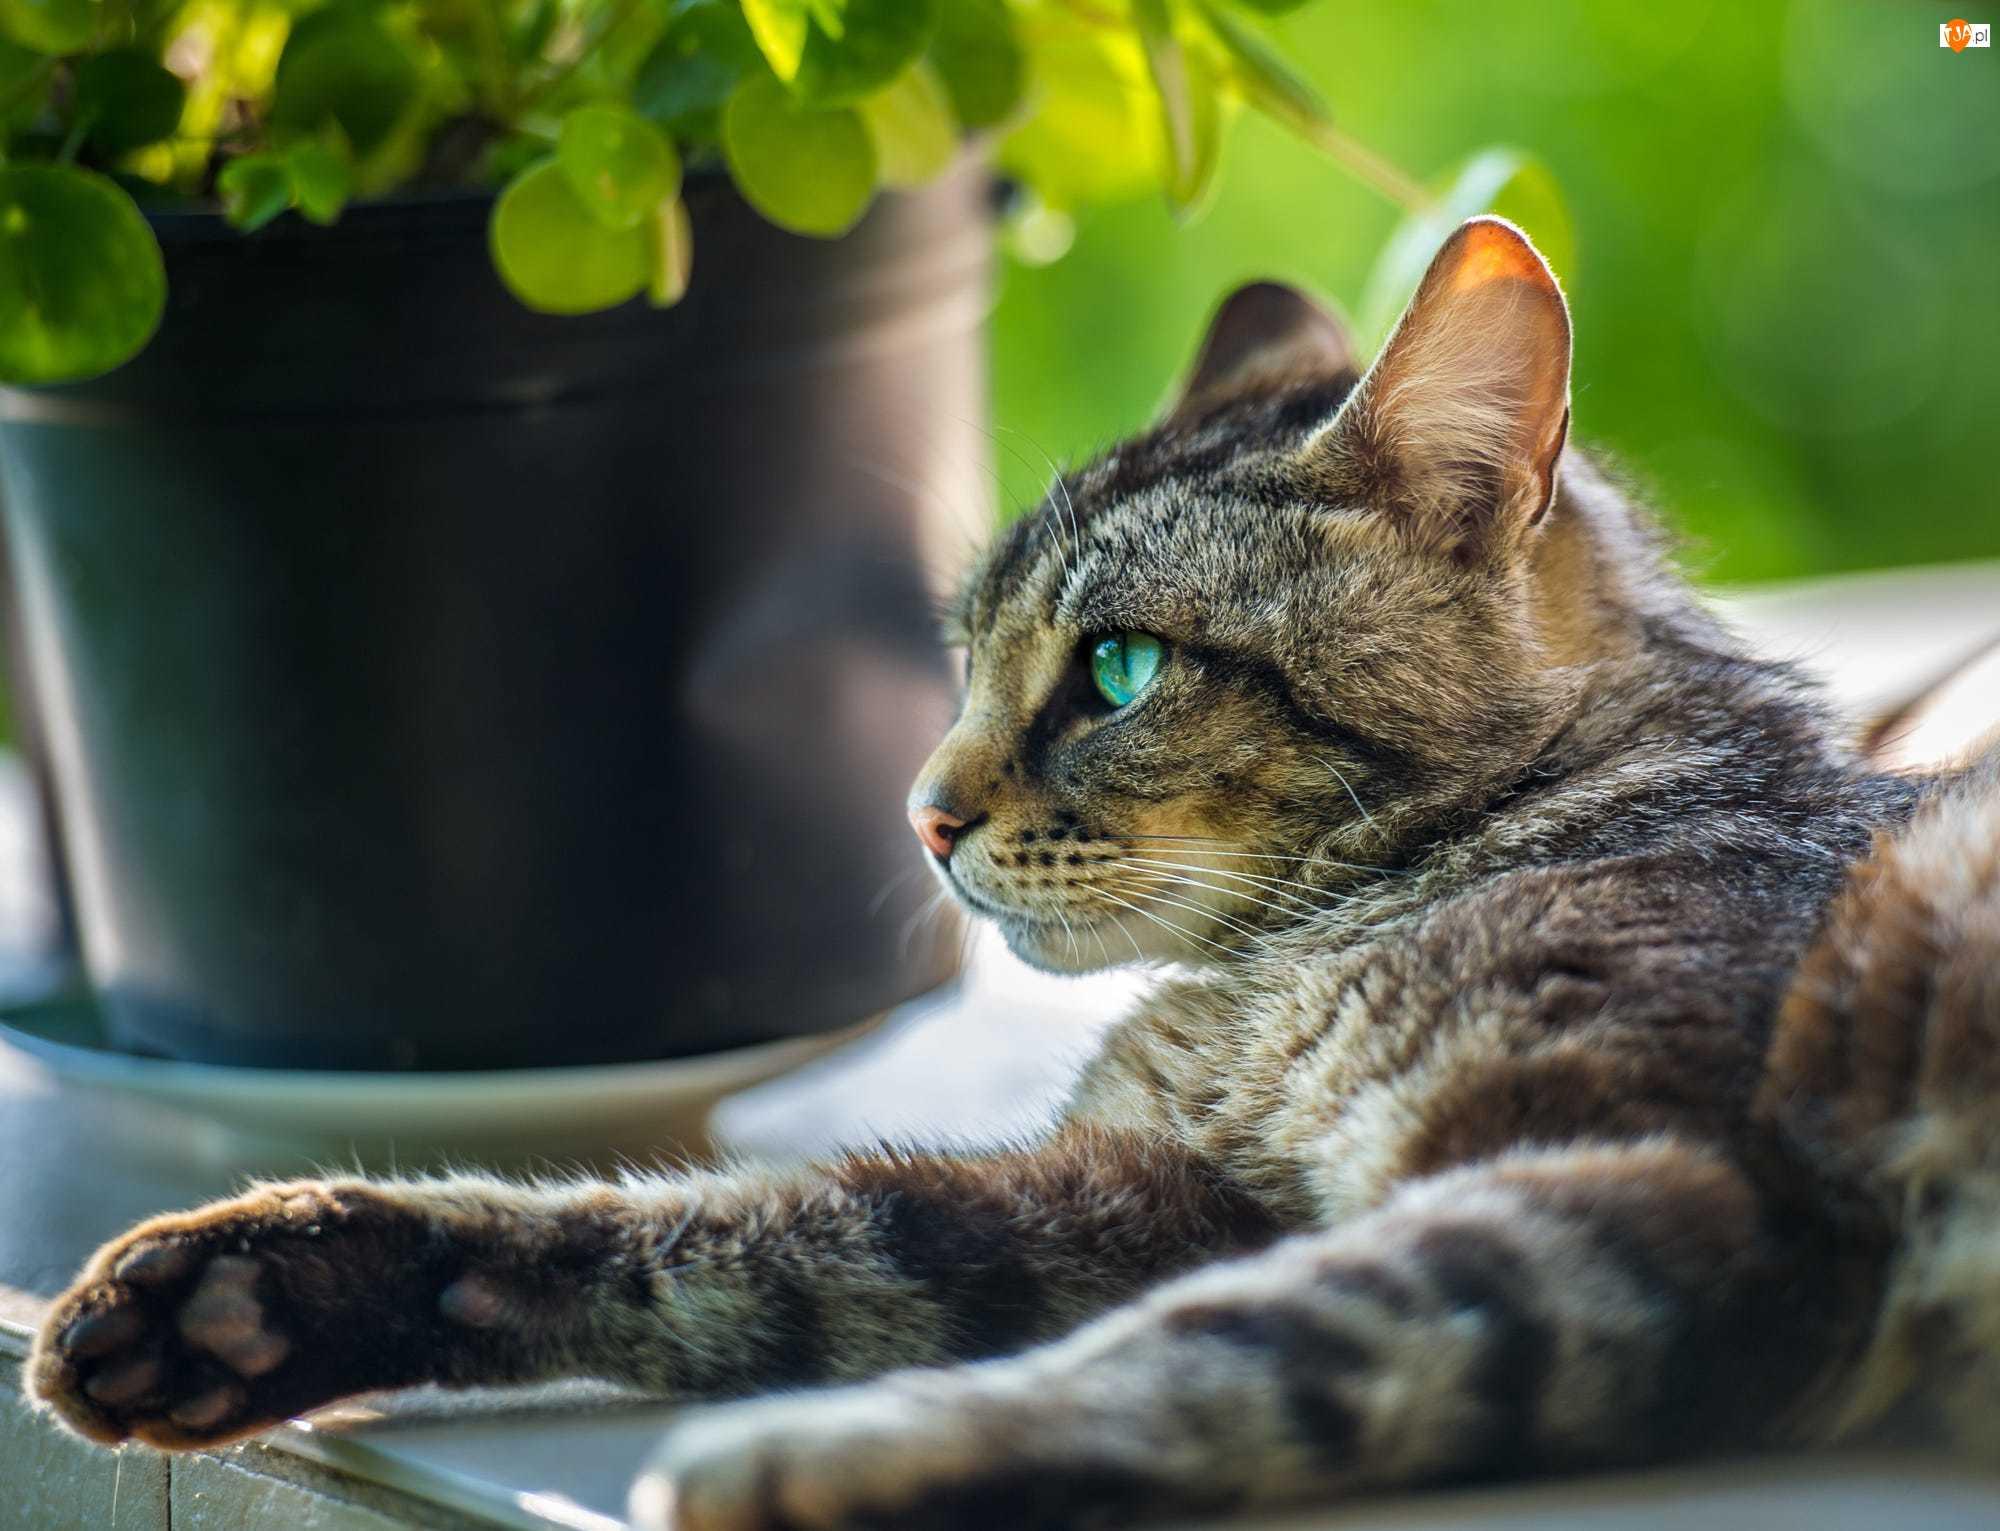 Kot, Leżący, Doniczka, Rozmycie, Szafka, Kwiat